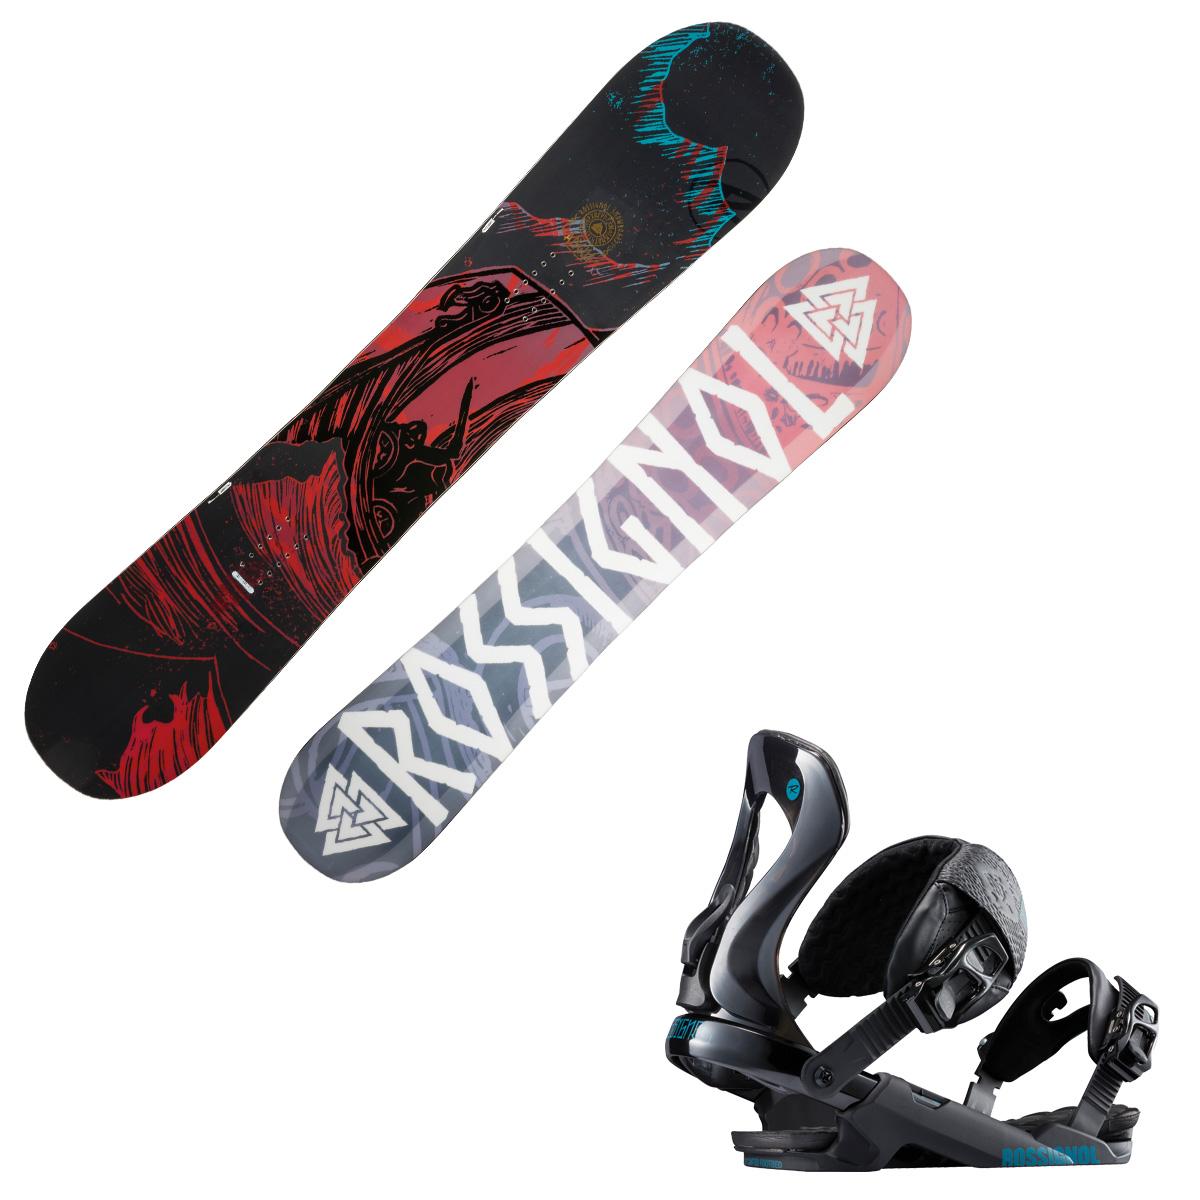 Snowboard Rossignol Angus Wide con attacchi Cobra (Colore: nero fantasia, Taglia: 163)